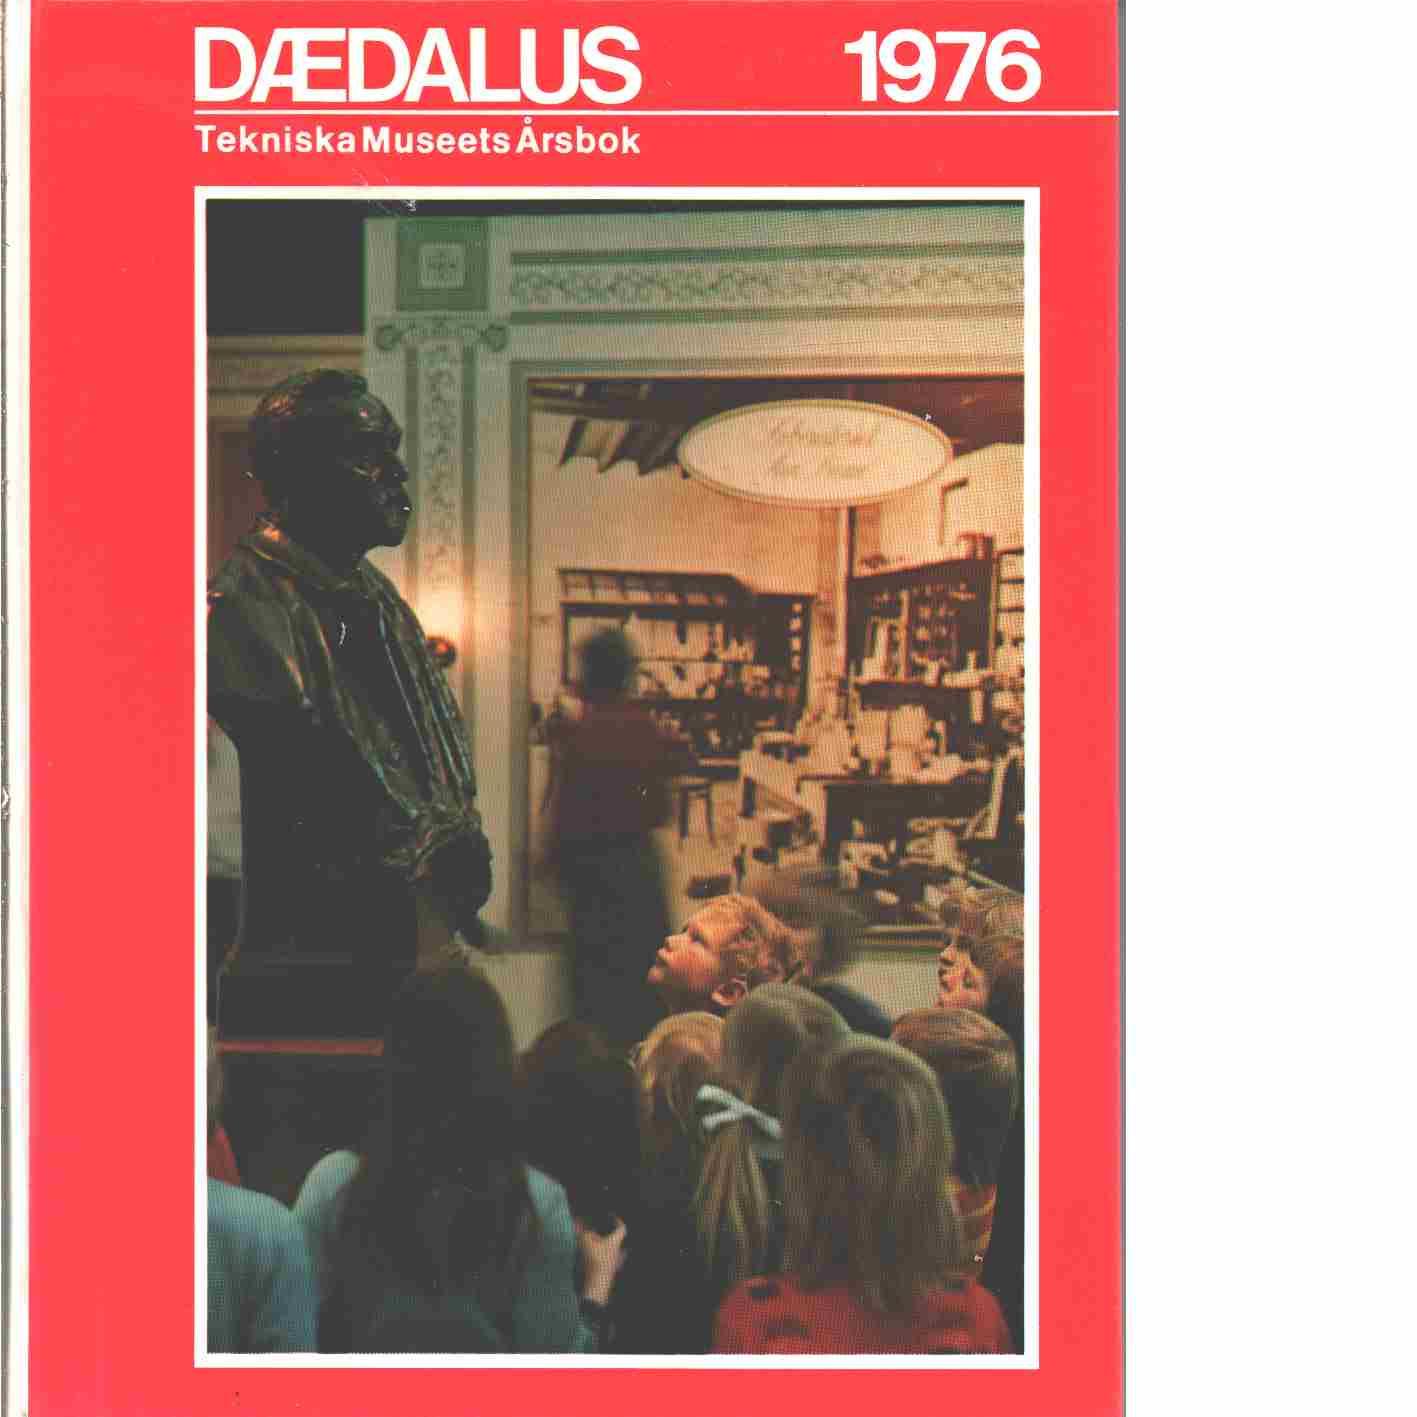 Dædalus : Tekniska museets årsbok. 1976 - Red.